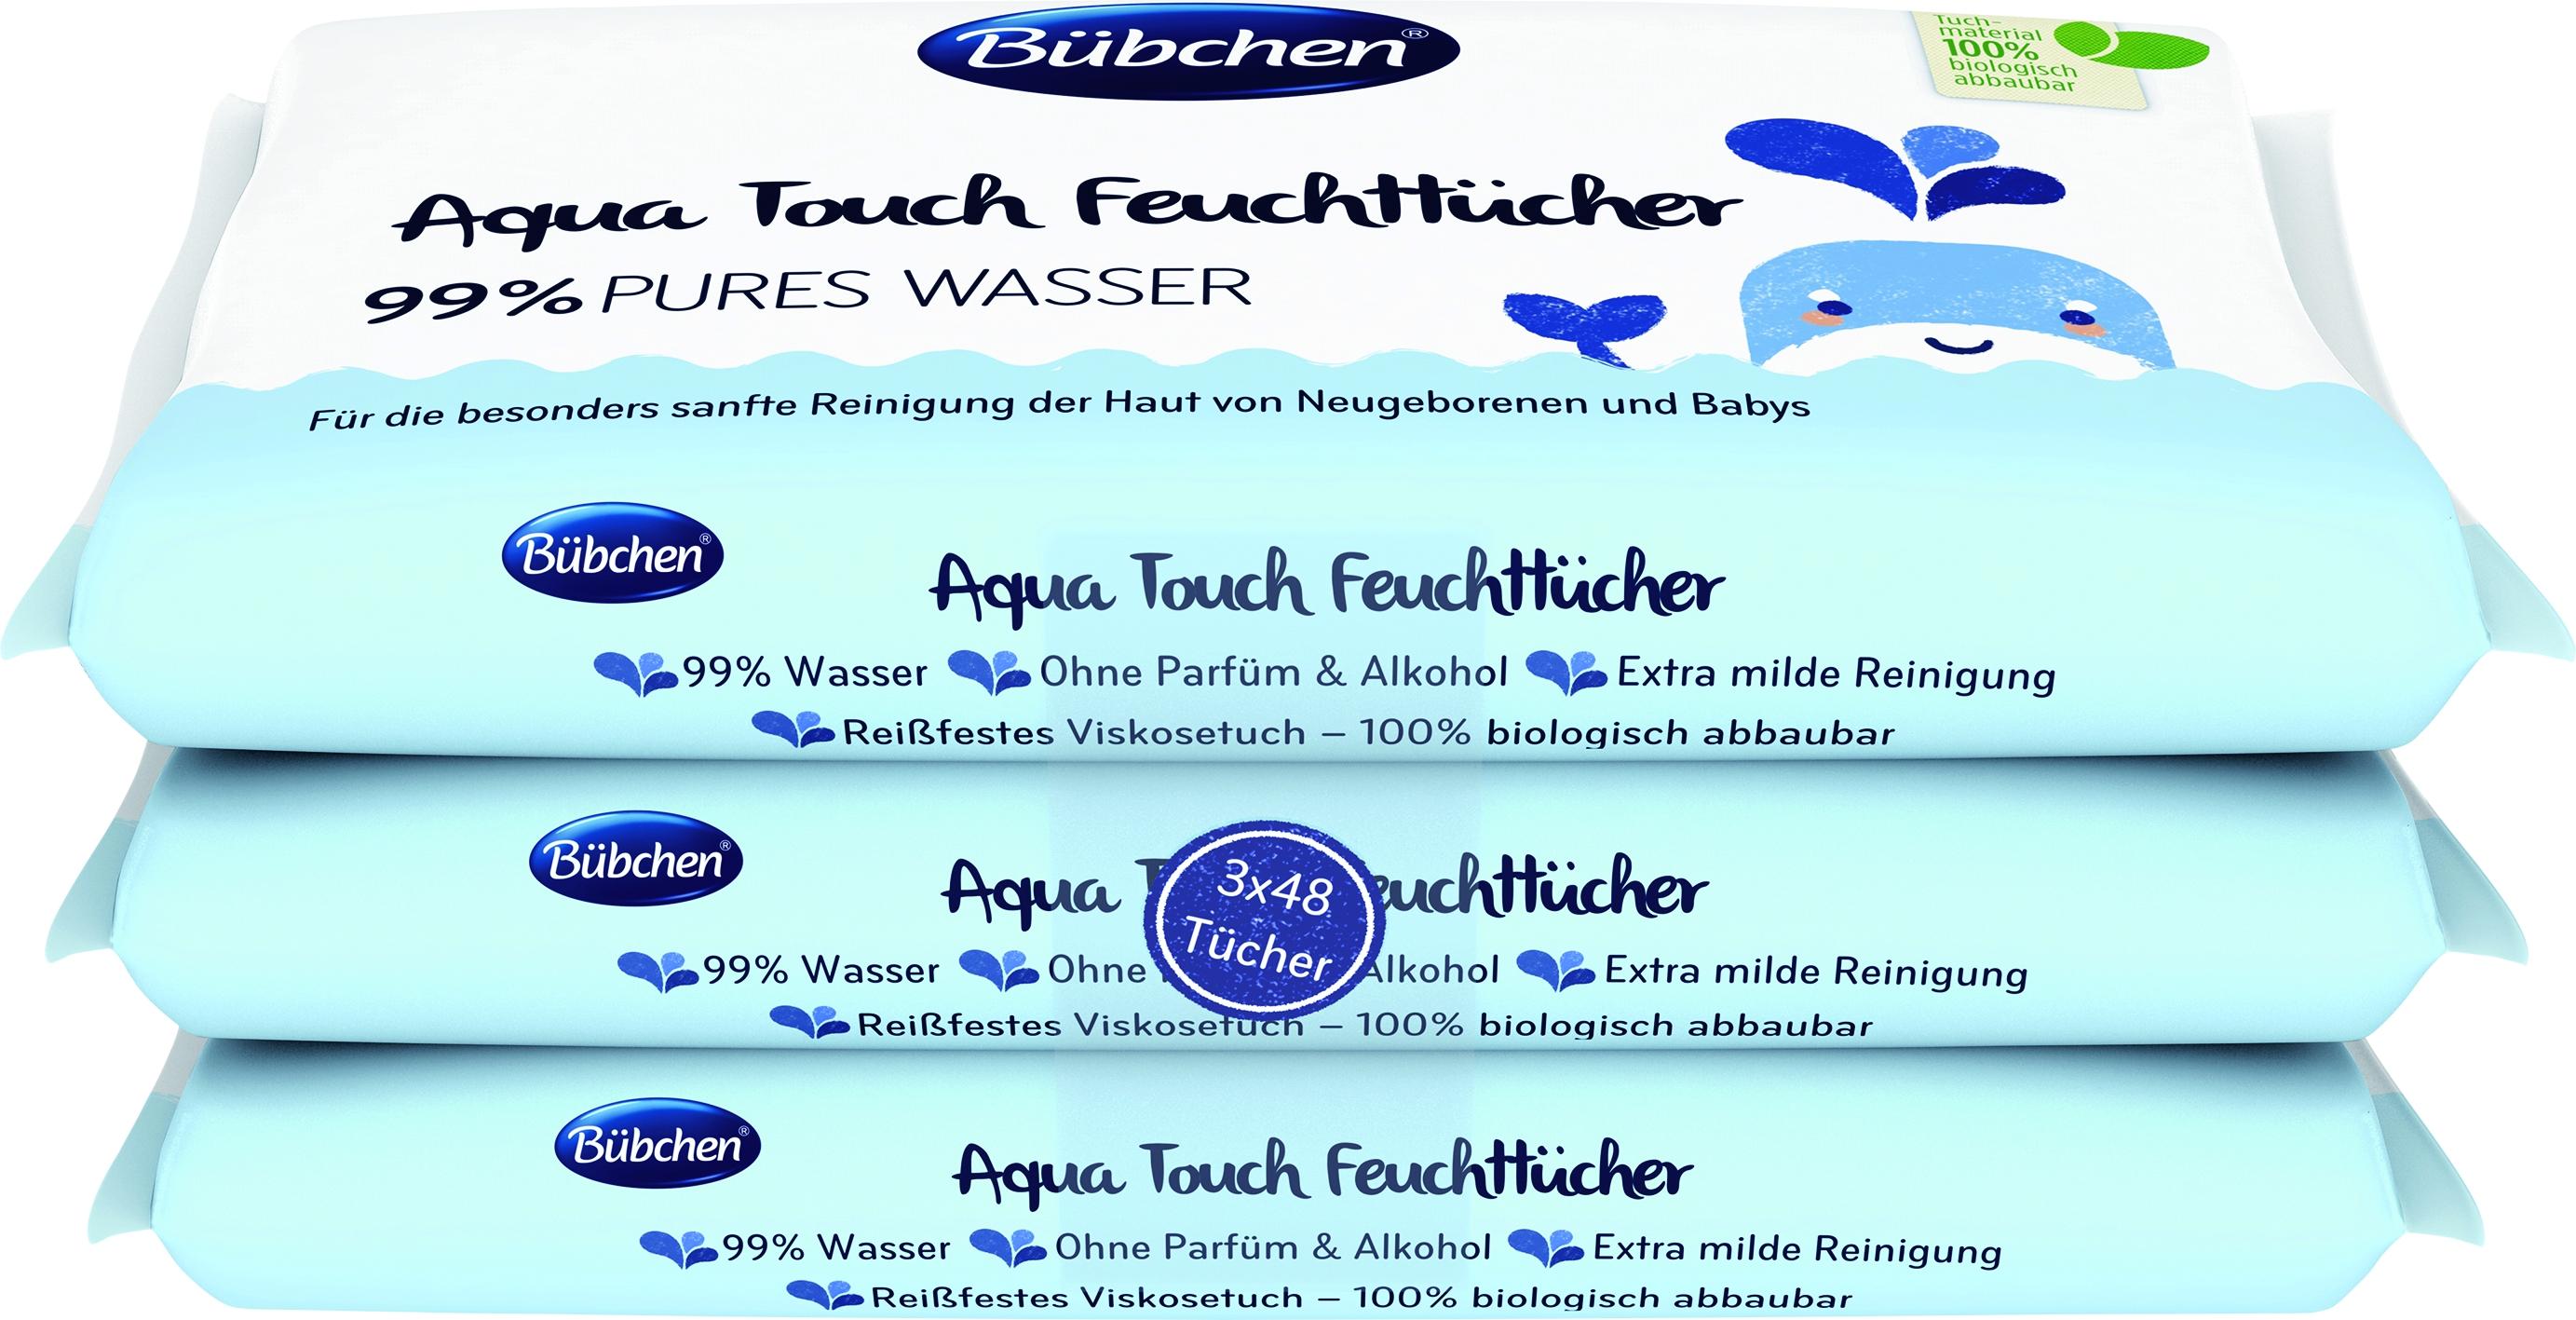 Aqua Touch Feuchttücher 3x48er